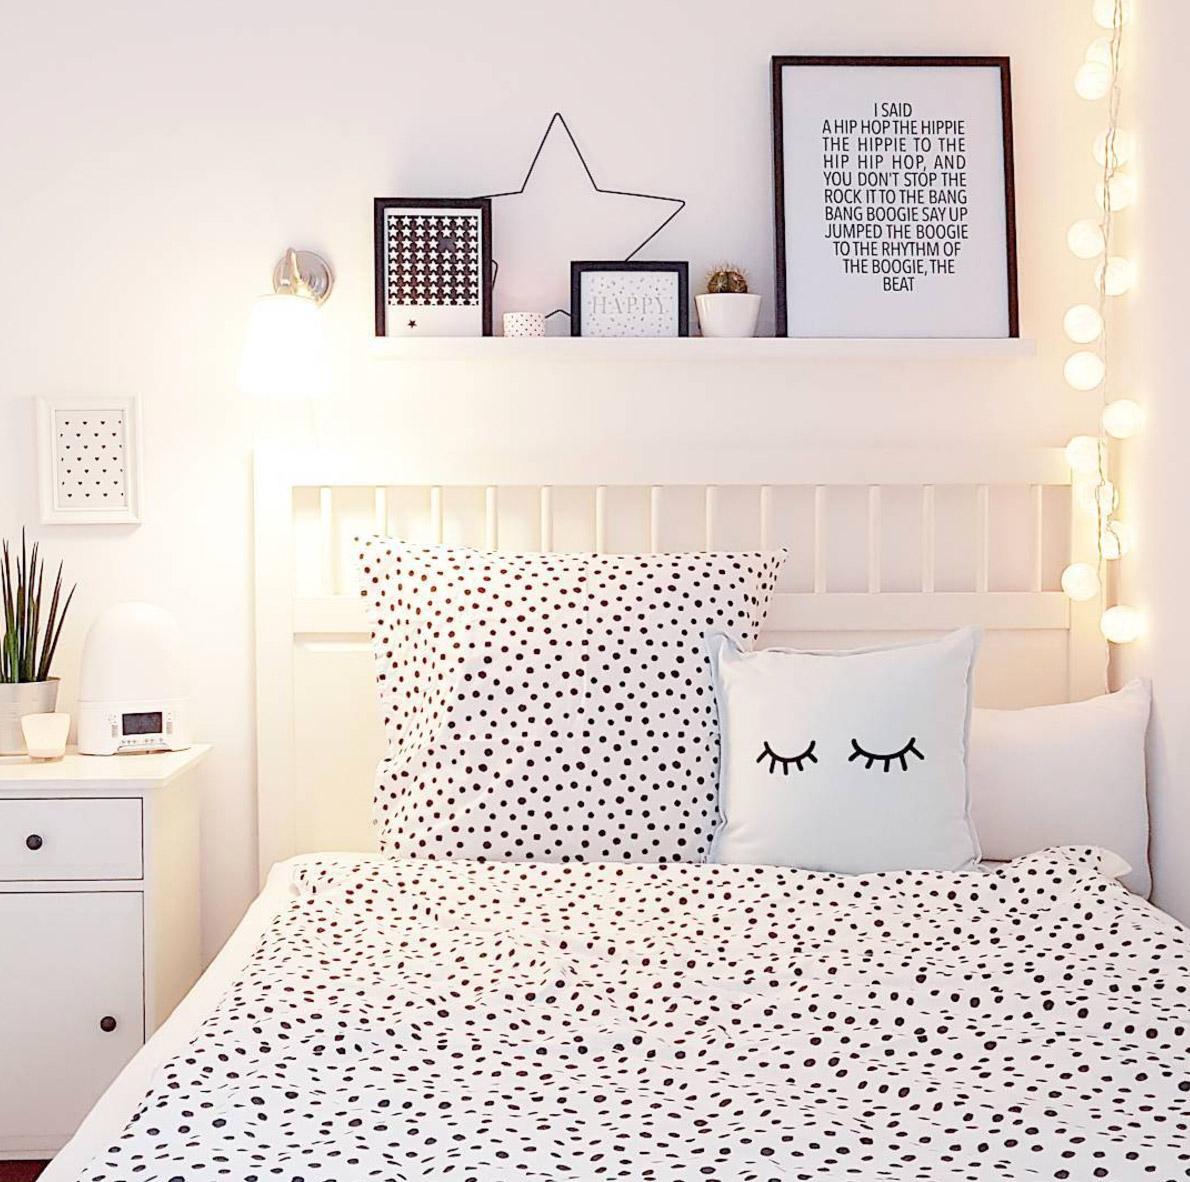 Hier Seht Ihr Das Schlafzimmer Mit Großzügigem Blick Nach Draußen. Neben  Dem Schönen Schlafzimmer Und Der Tollen Bettdeko, Finde Ich Die  Fensterlösung Auch ...